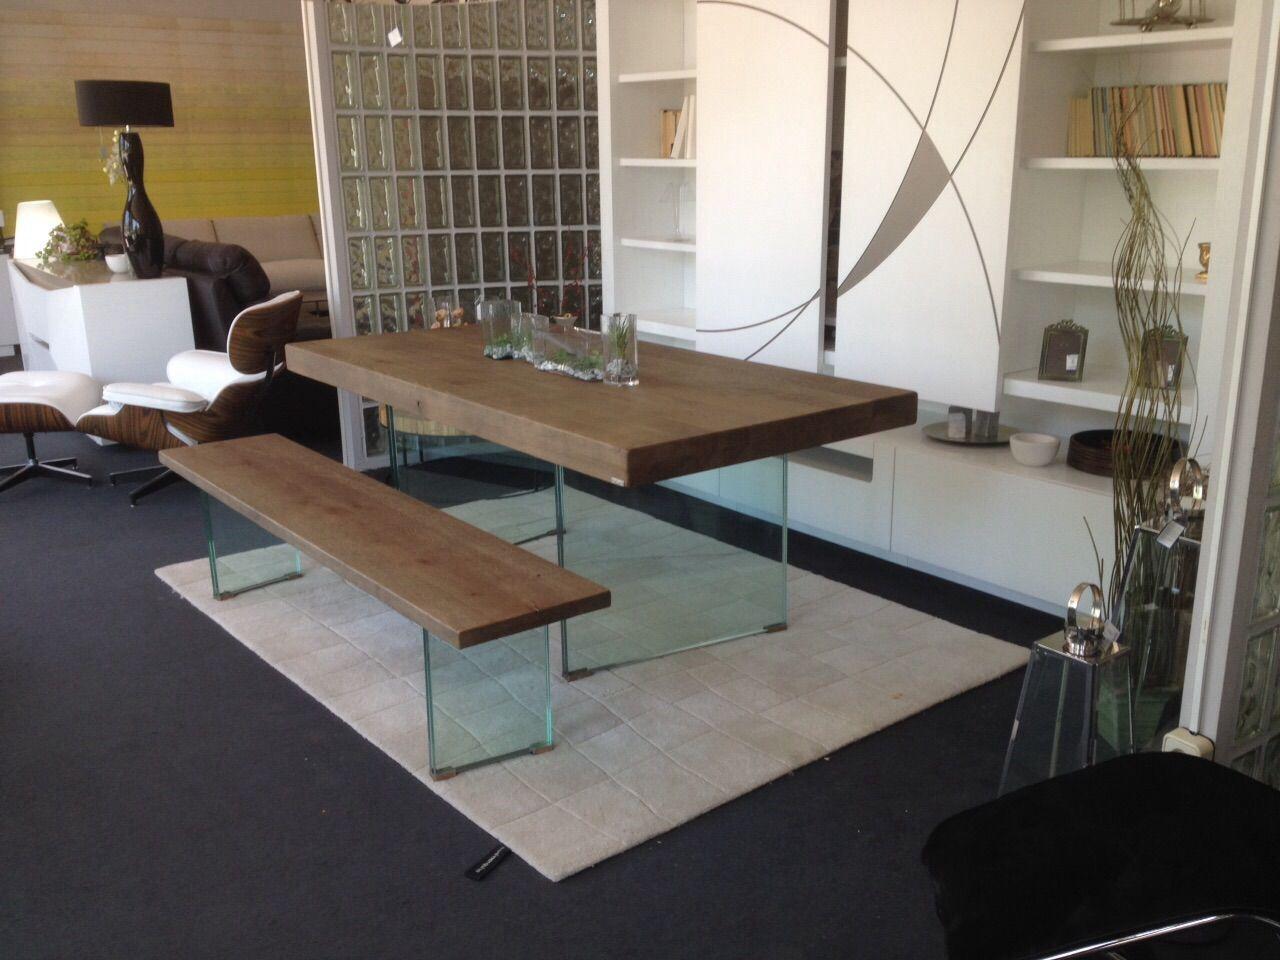 Mesa comedor con bancos en madera y patas de cristal for Diseno de mesa de madera con vidrio